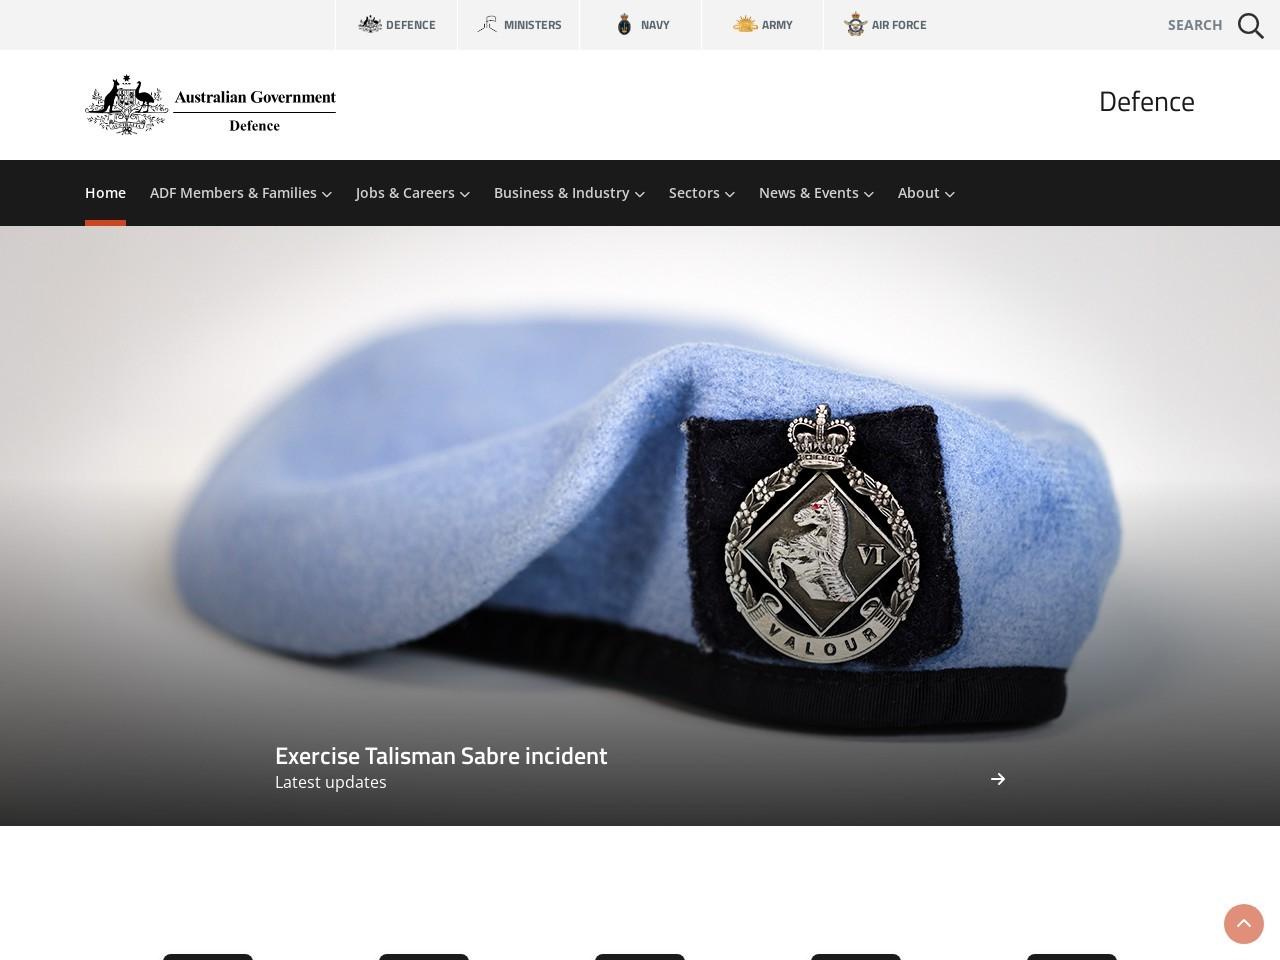 http://www.defence.gov.au/dmo/publications/coles.cfm